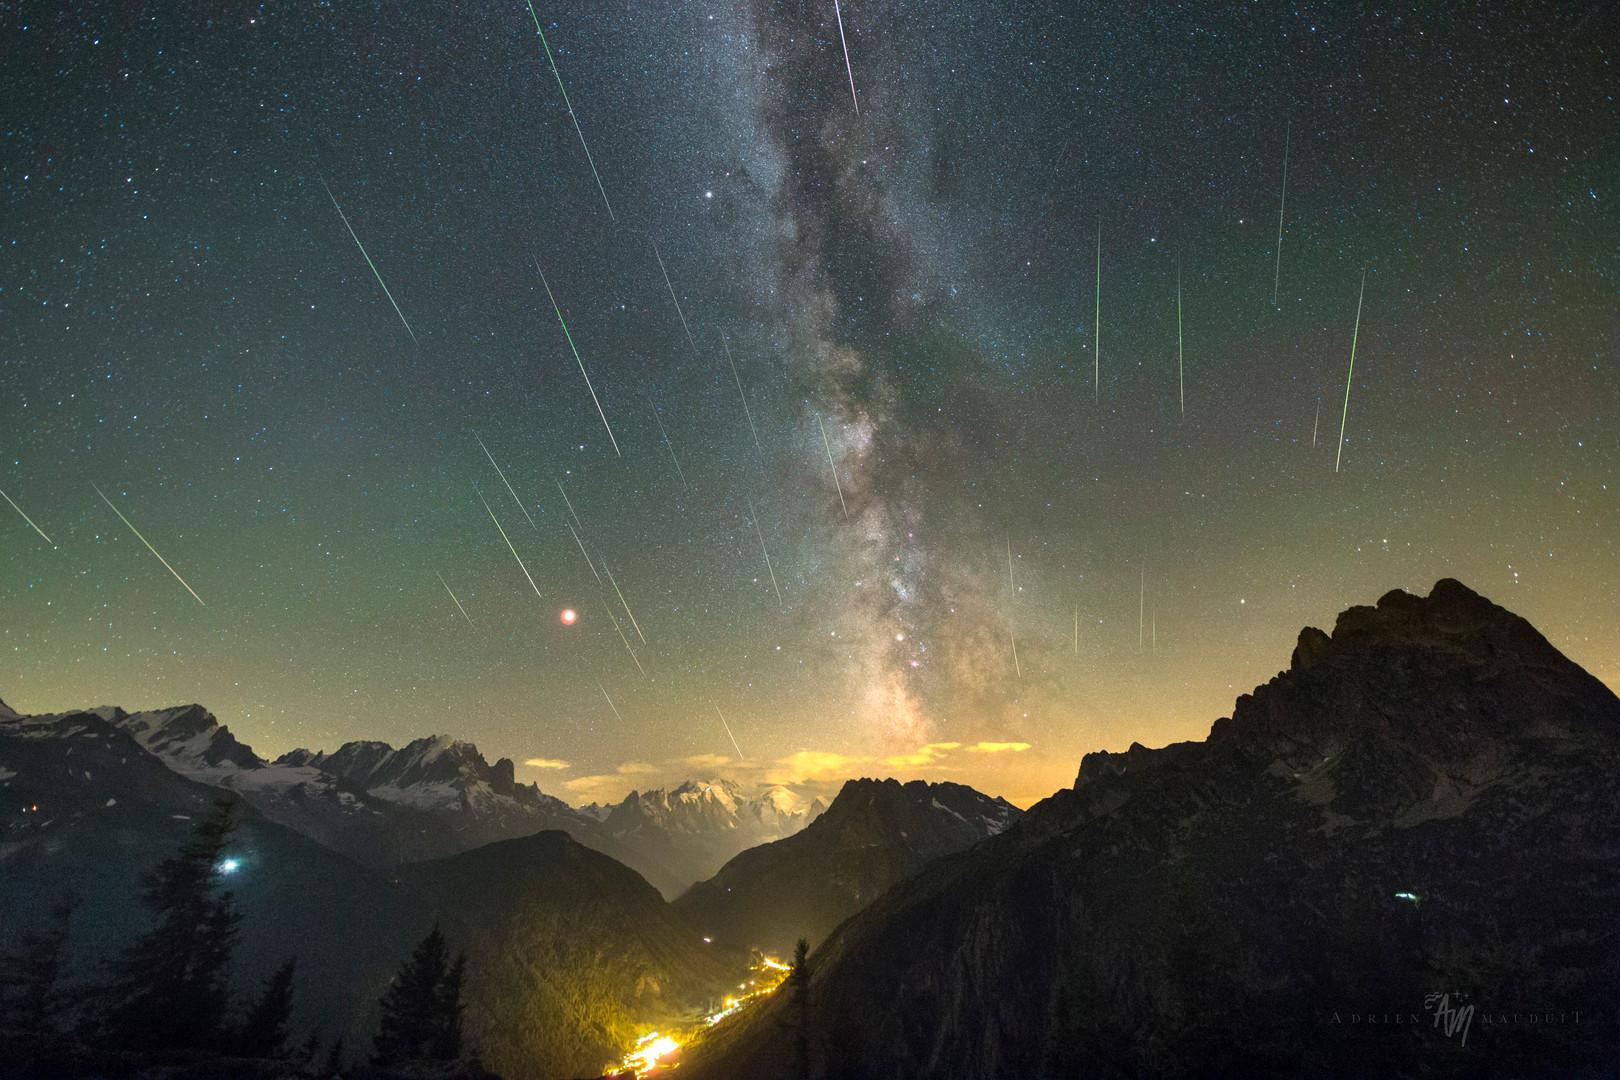 Perseid meteor shower in the Swiss Alps